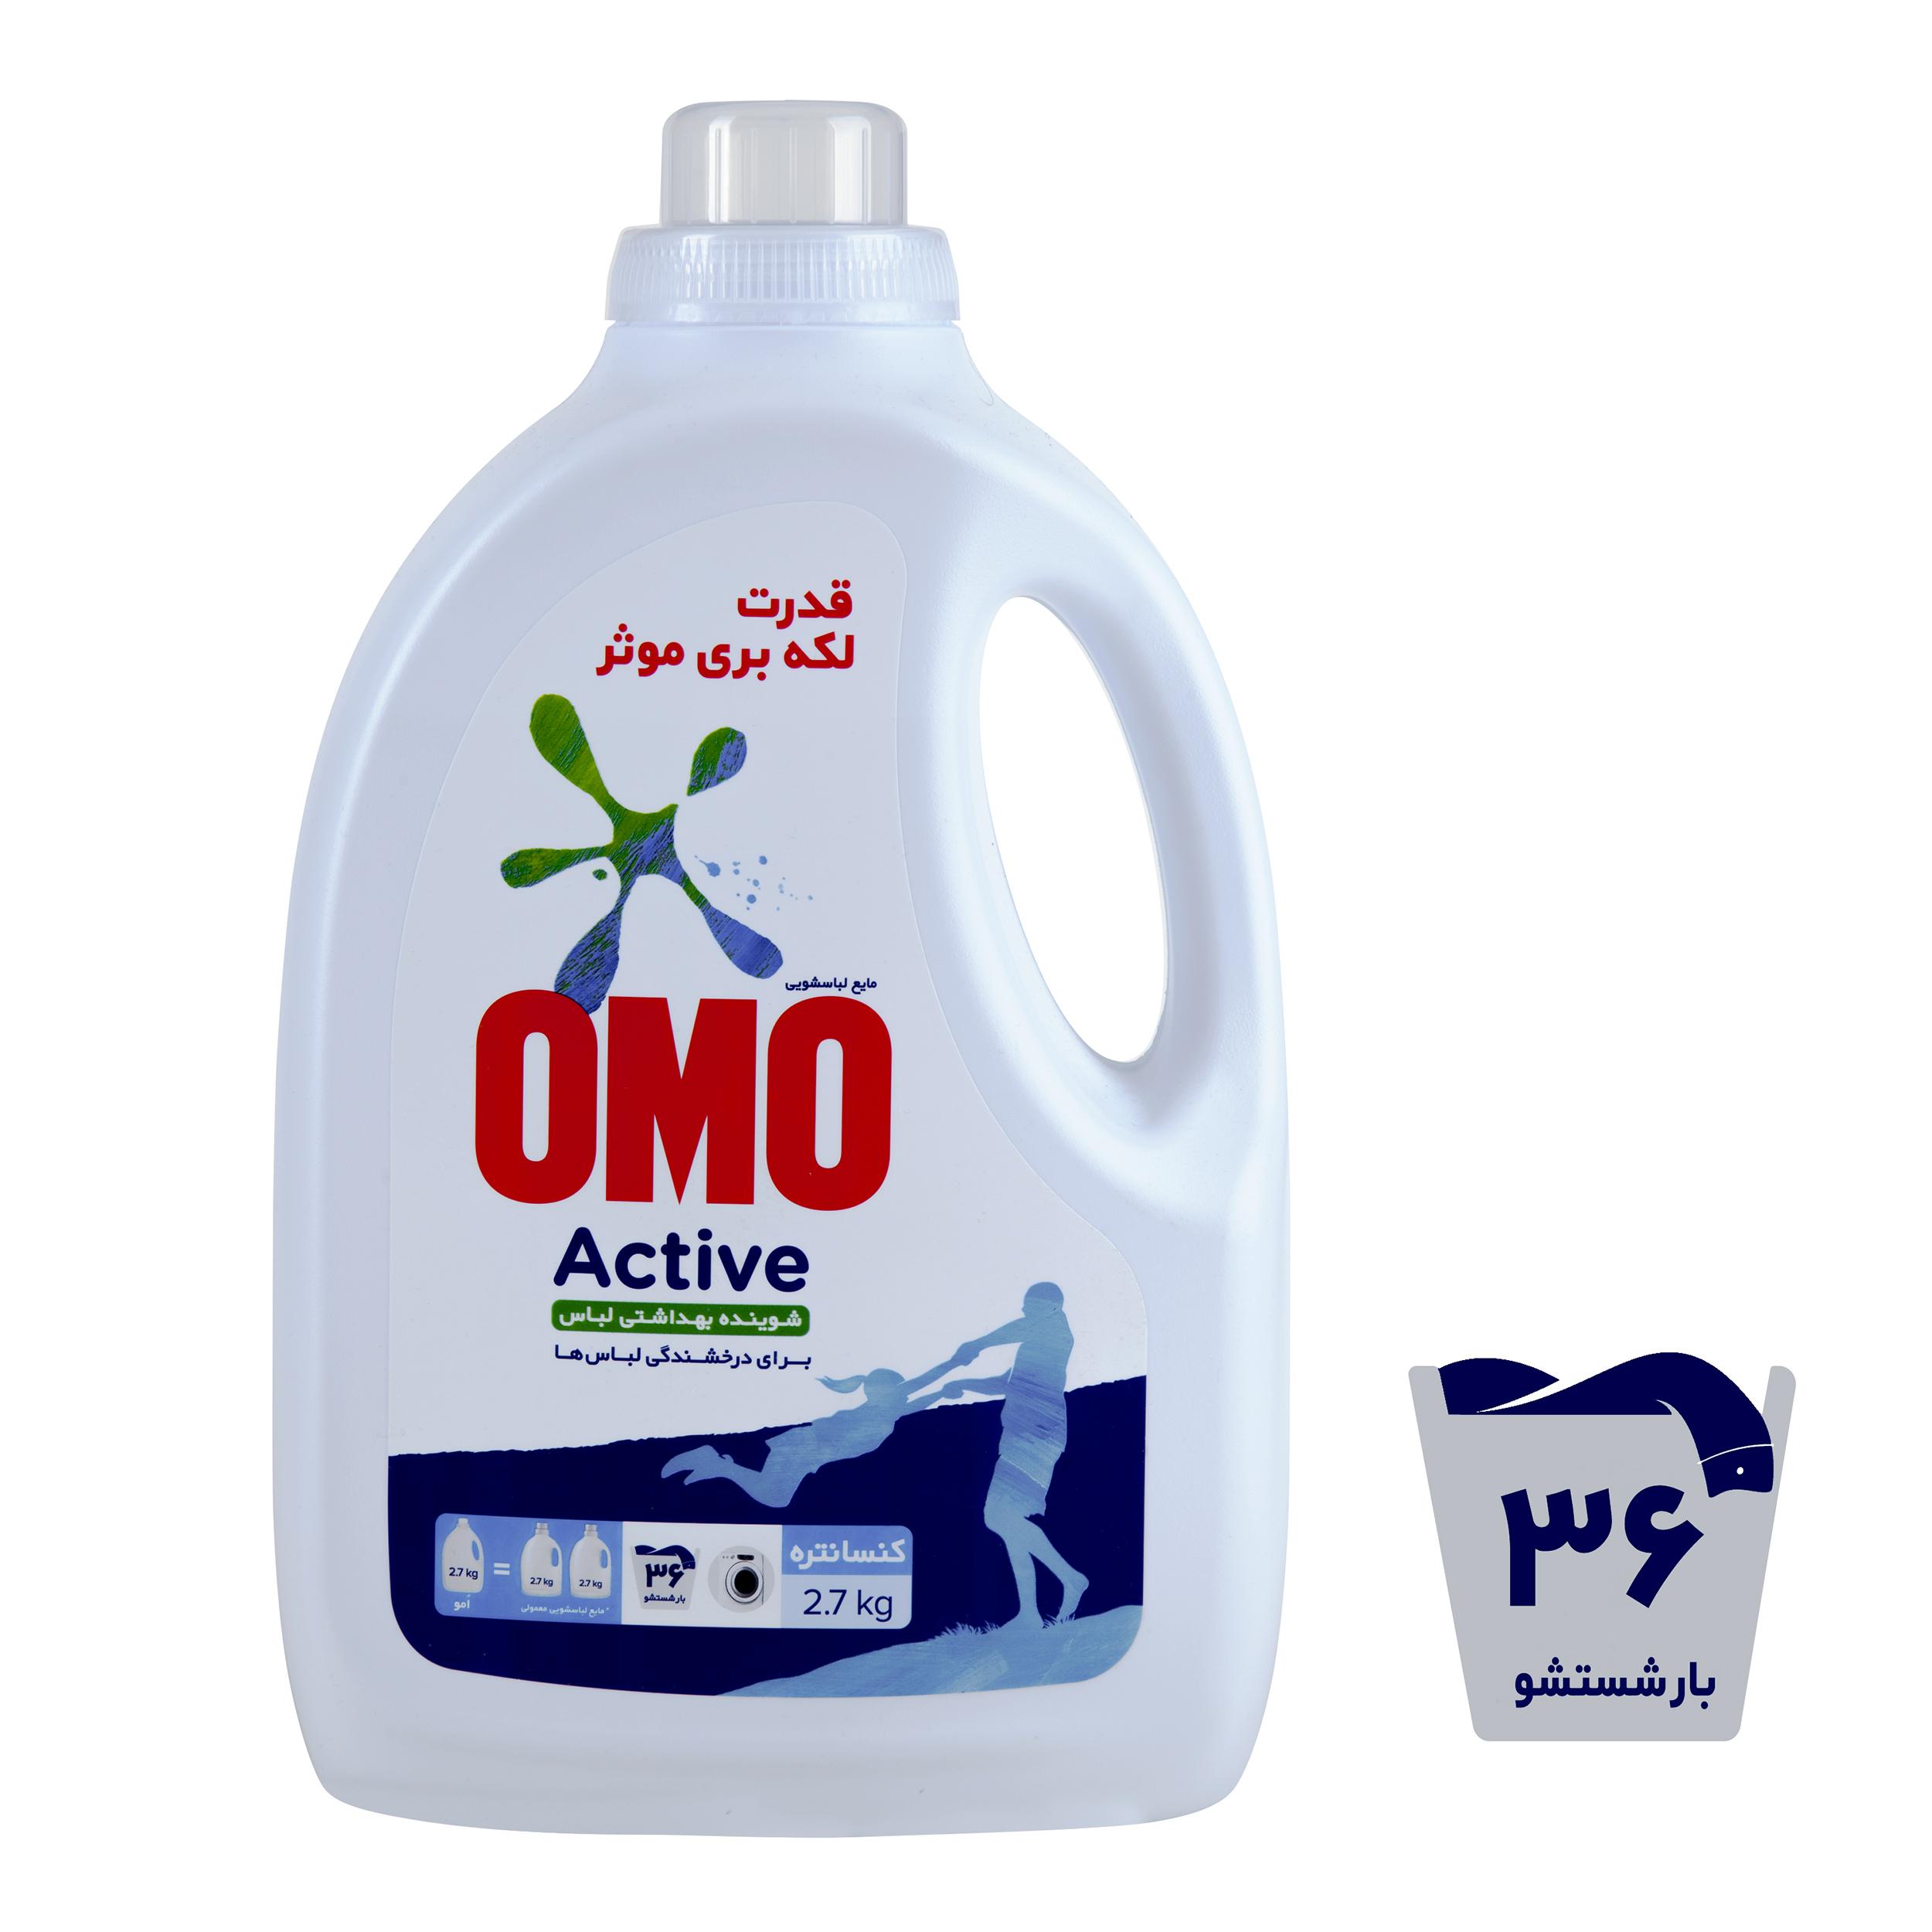 مایع لباسشویی امو مدل Active مقدار 2.7  لیتر